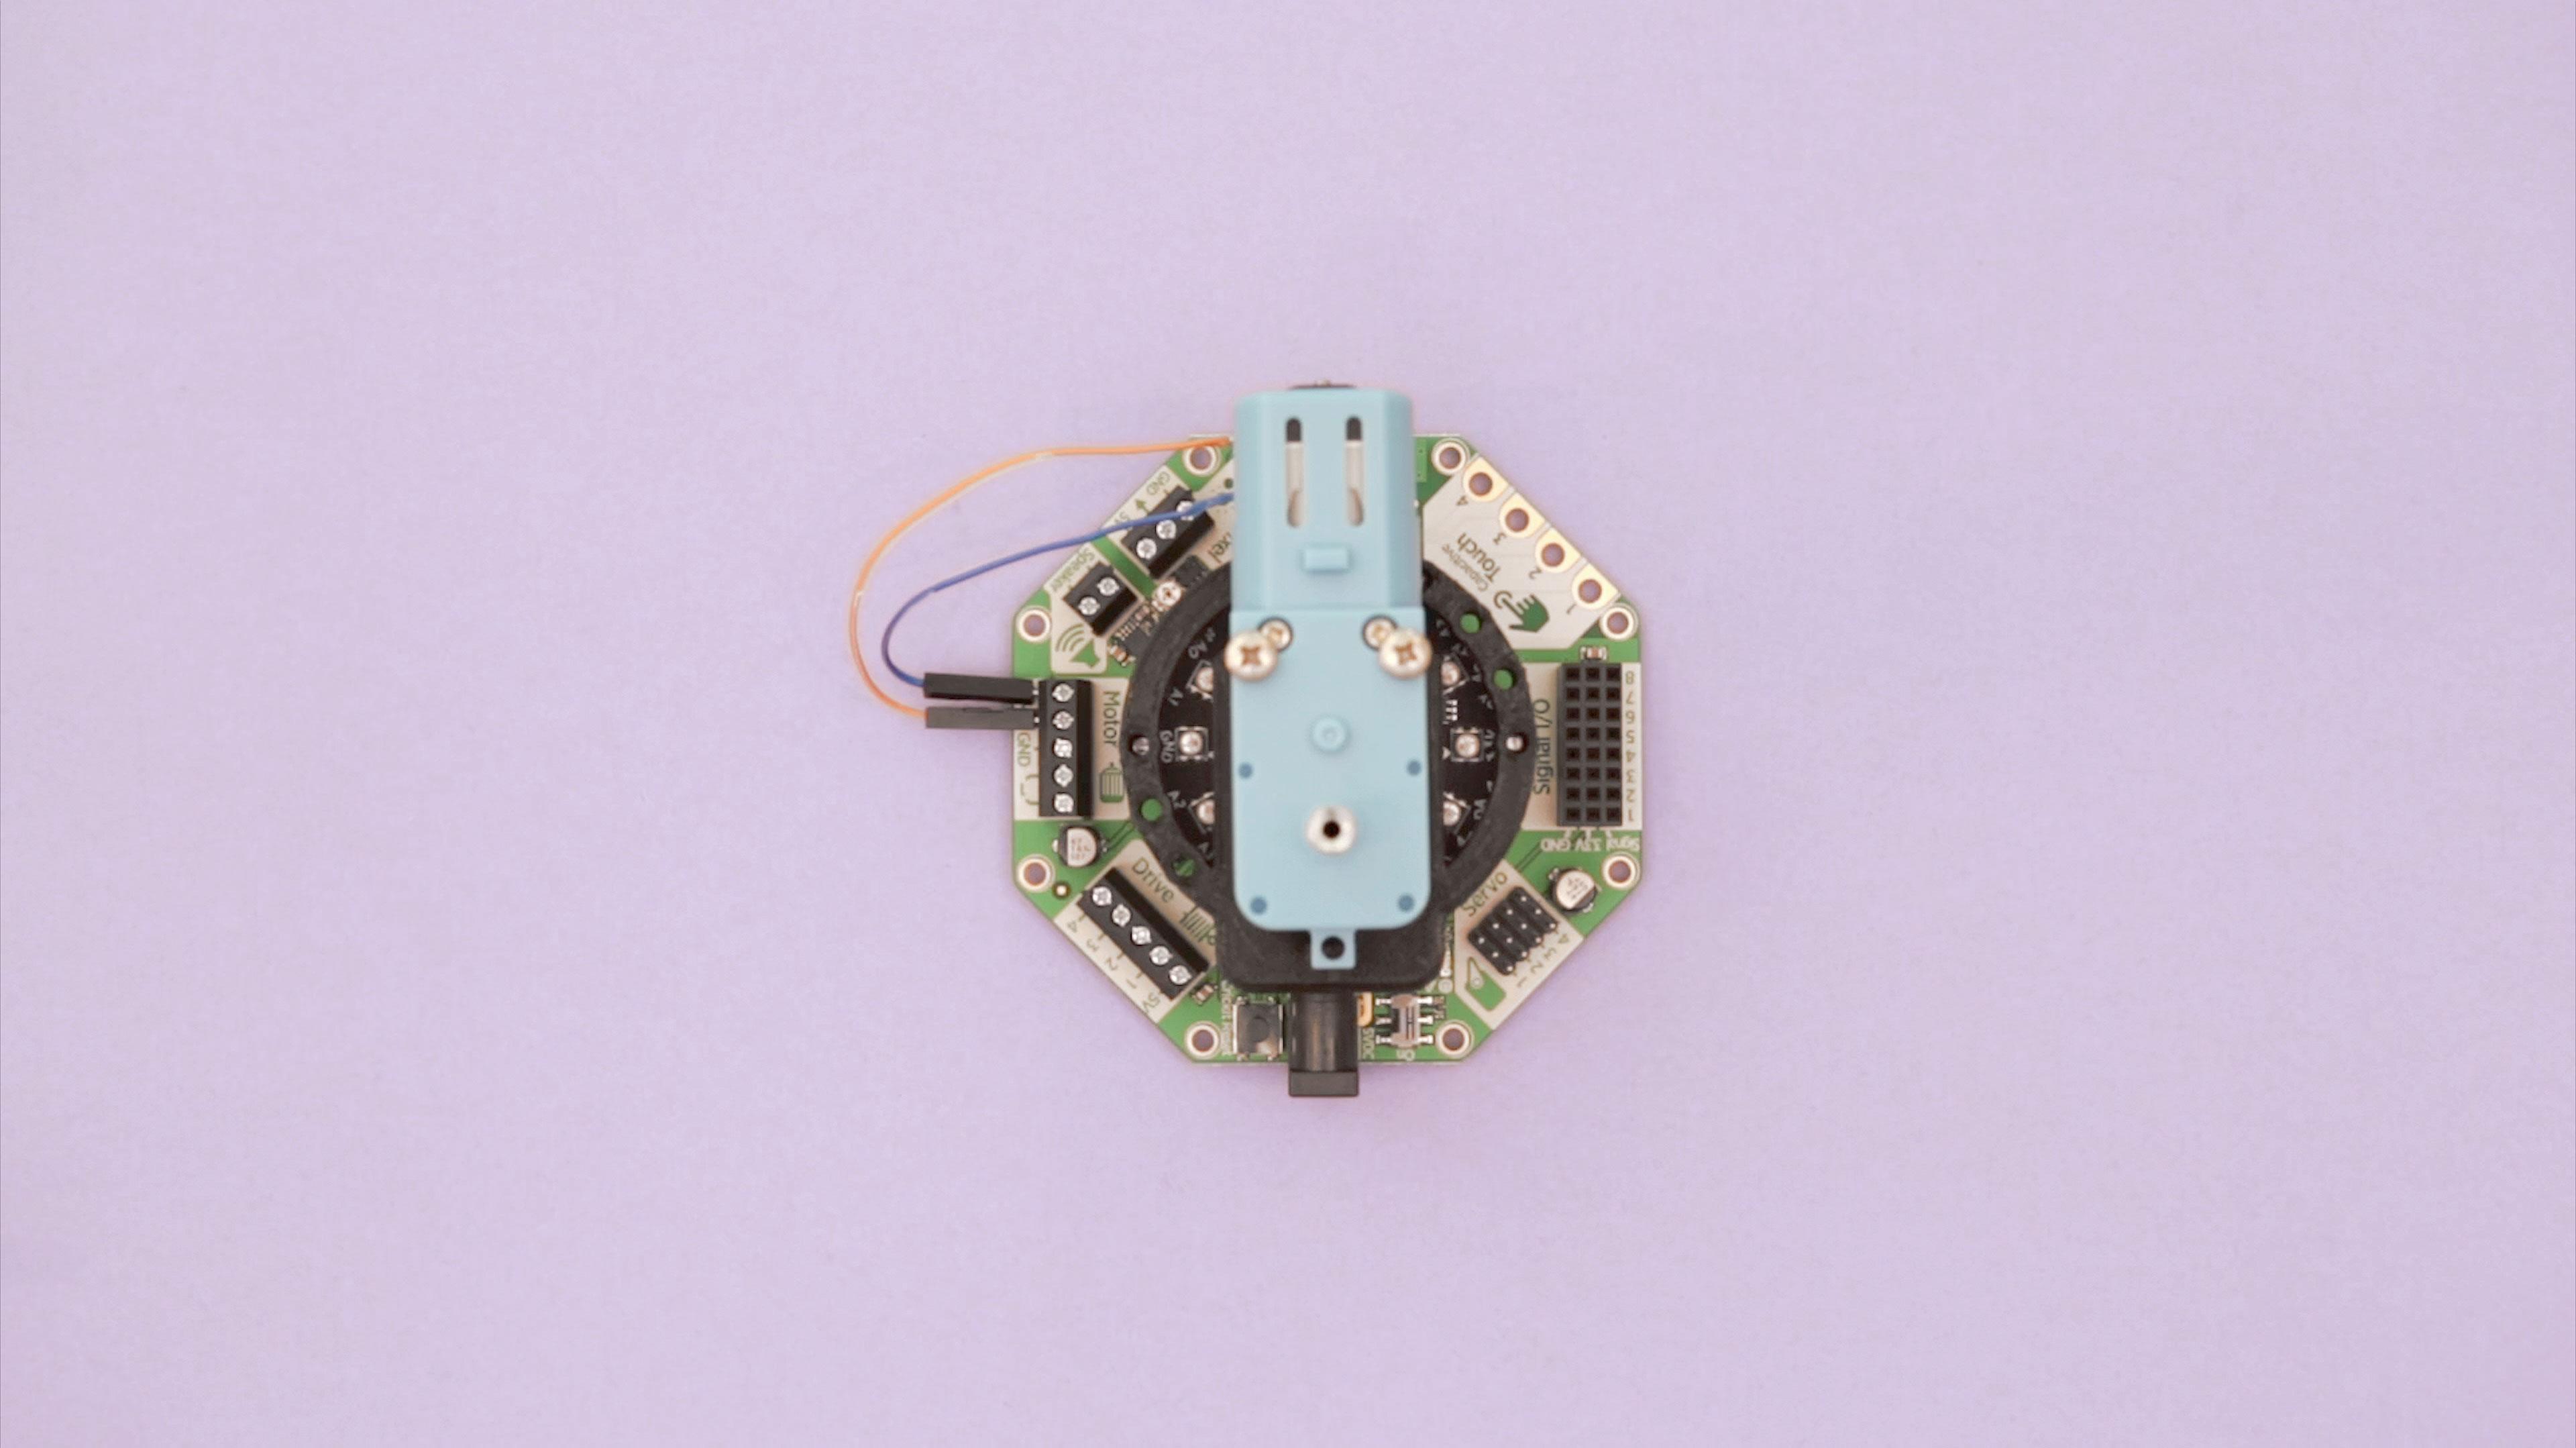 makecode_crickit-motor-mounted.jpg